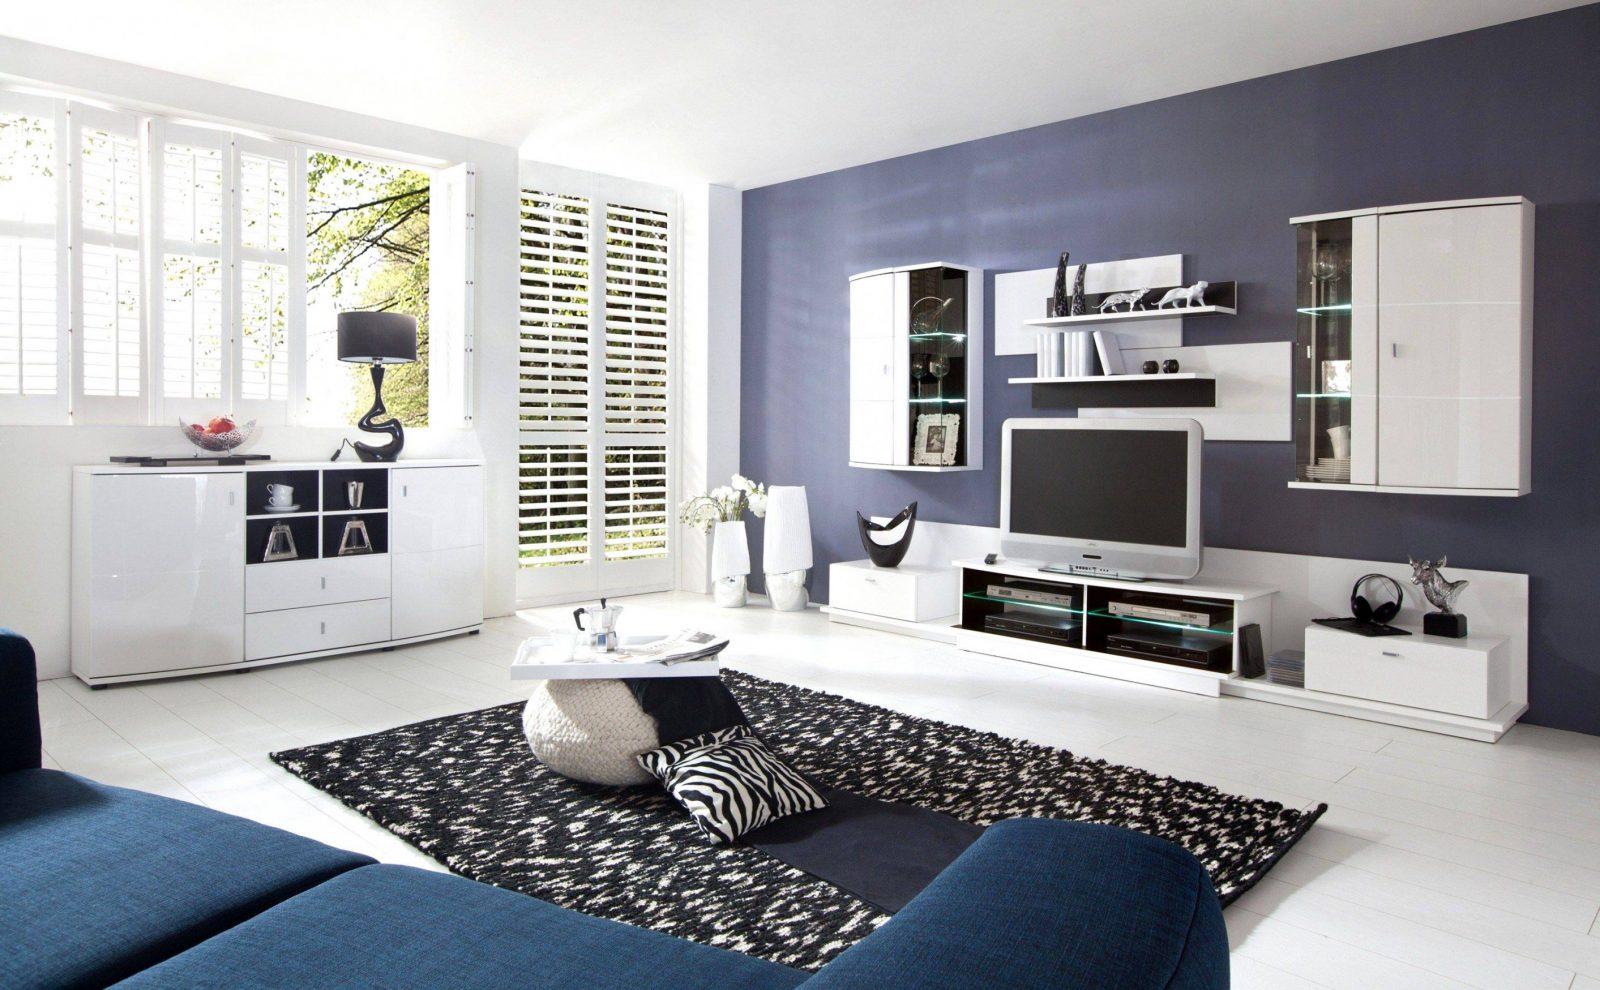 Beautiful Ideen Für Wohnzimmer Deko Ideas von Dekoration Wohnzimmer Ideen Photo